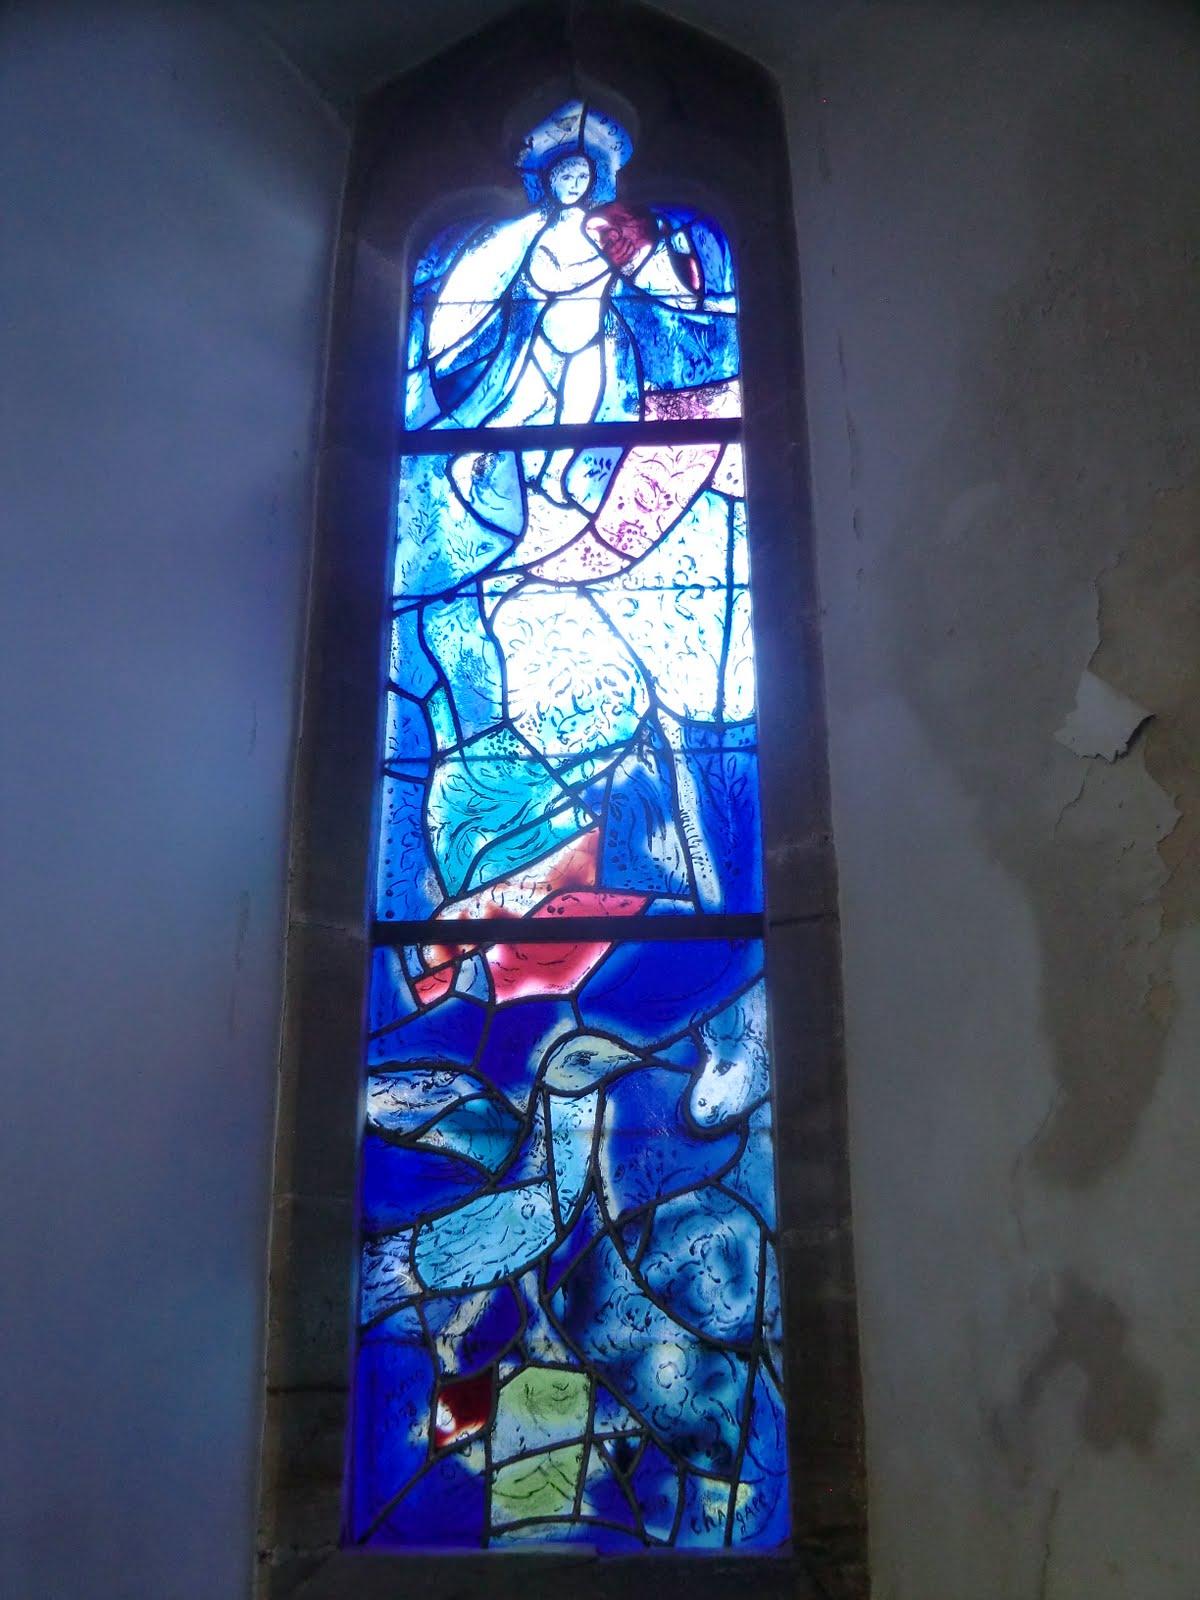 CIMG1564 Chagall window #6, All Saints church